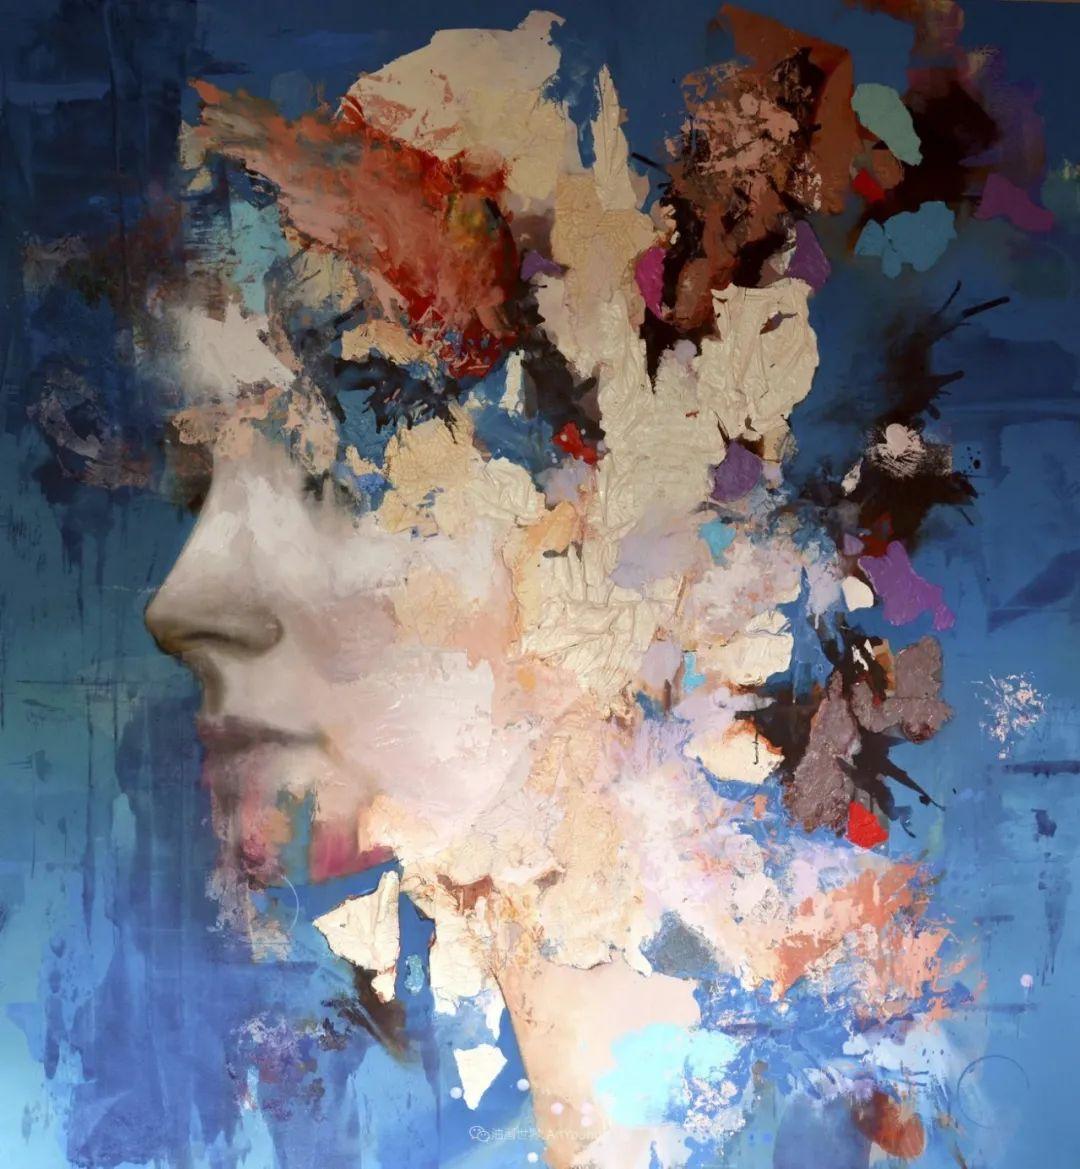 """诠释""""易碎""""人体,哥伦比亚画家耶苏斯·莱吉扎莫插图3"""